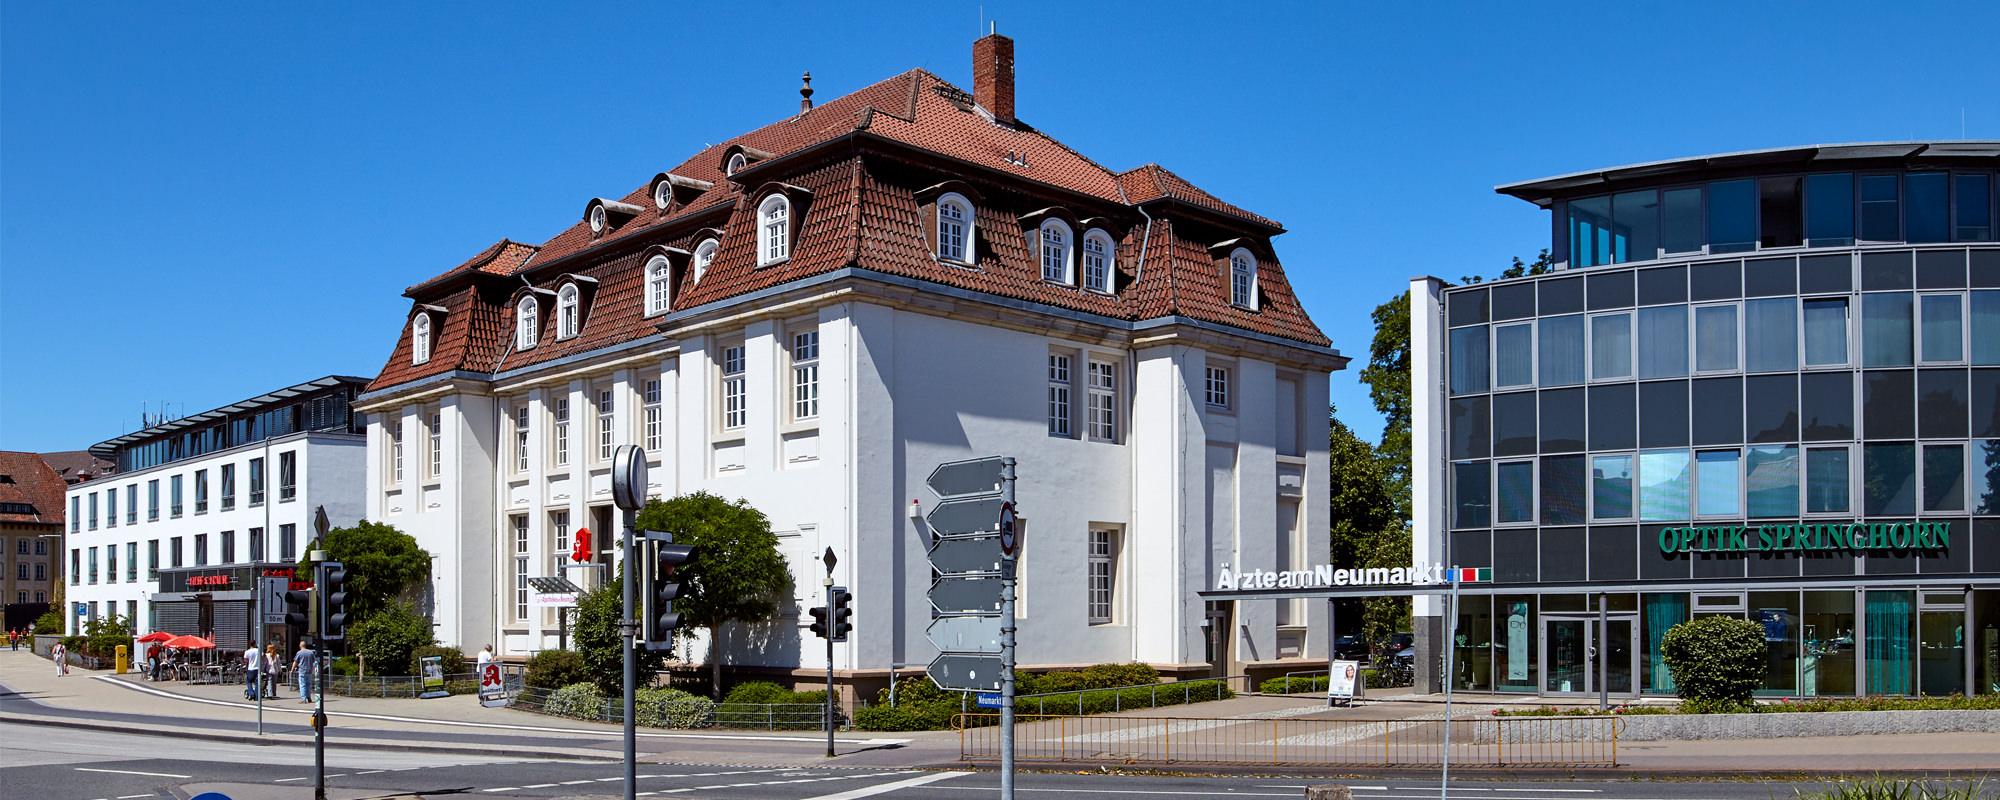 Celle / ÄrzteamNeumarkt – Ärztehaus